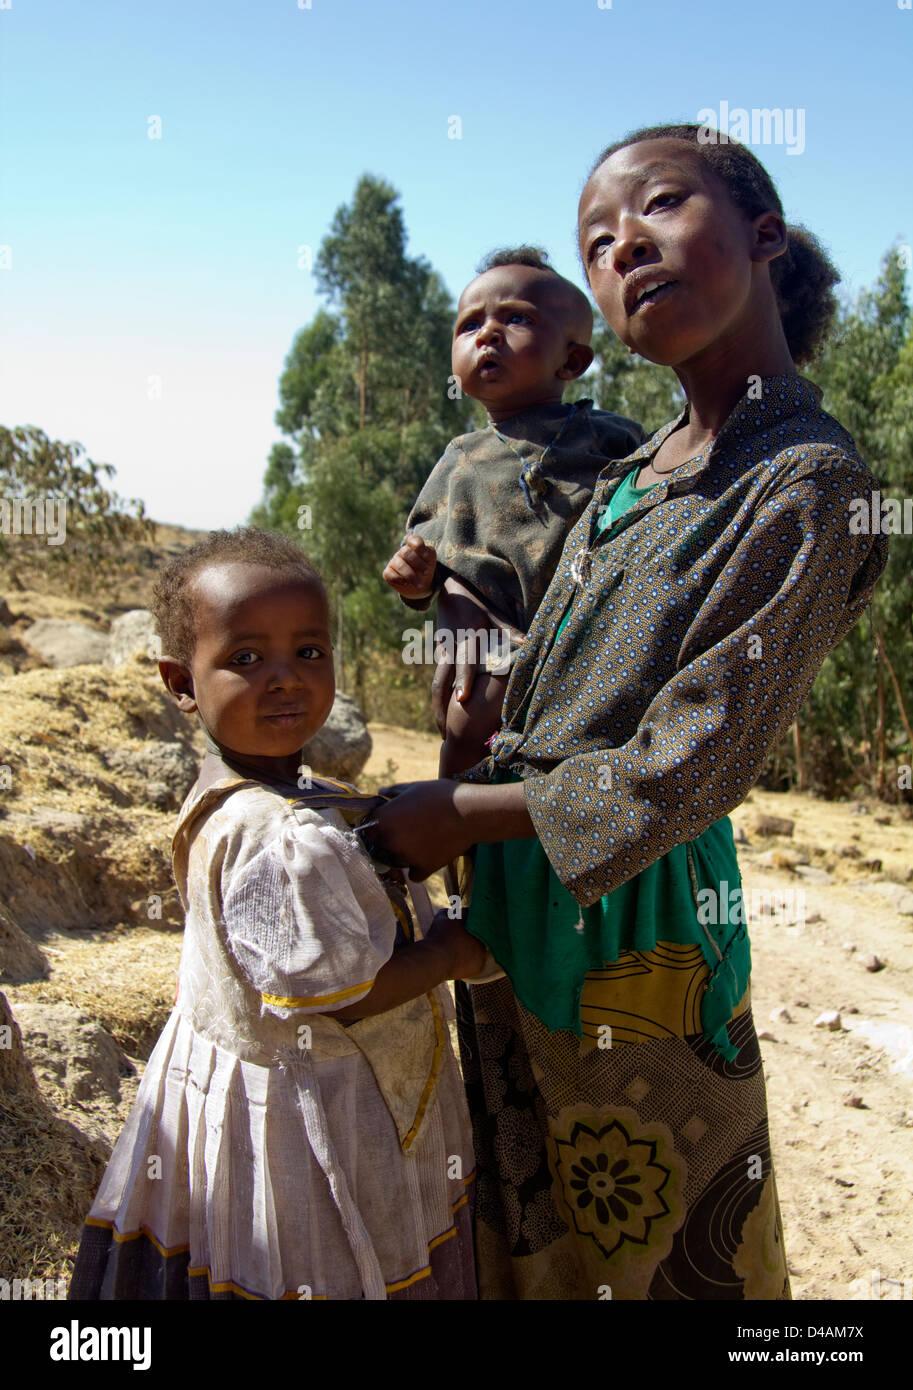 Las niñas africanas con hermanos, Etiopía, África Imagen De Stock